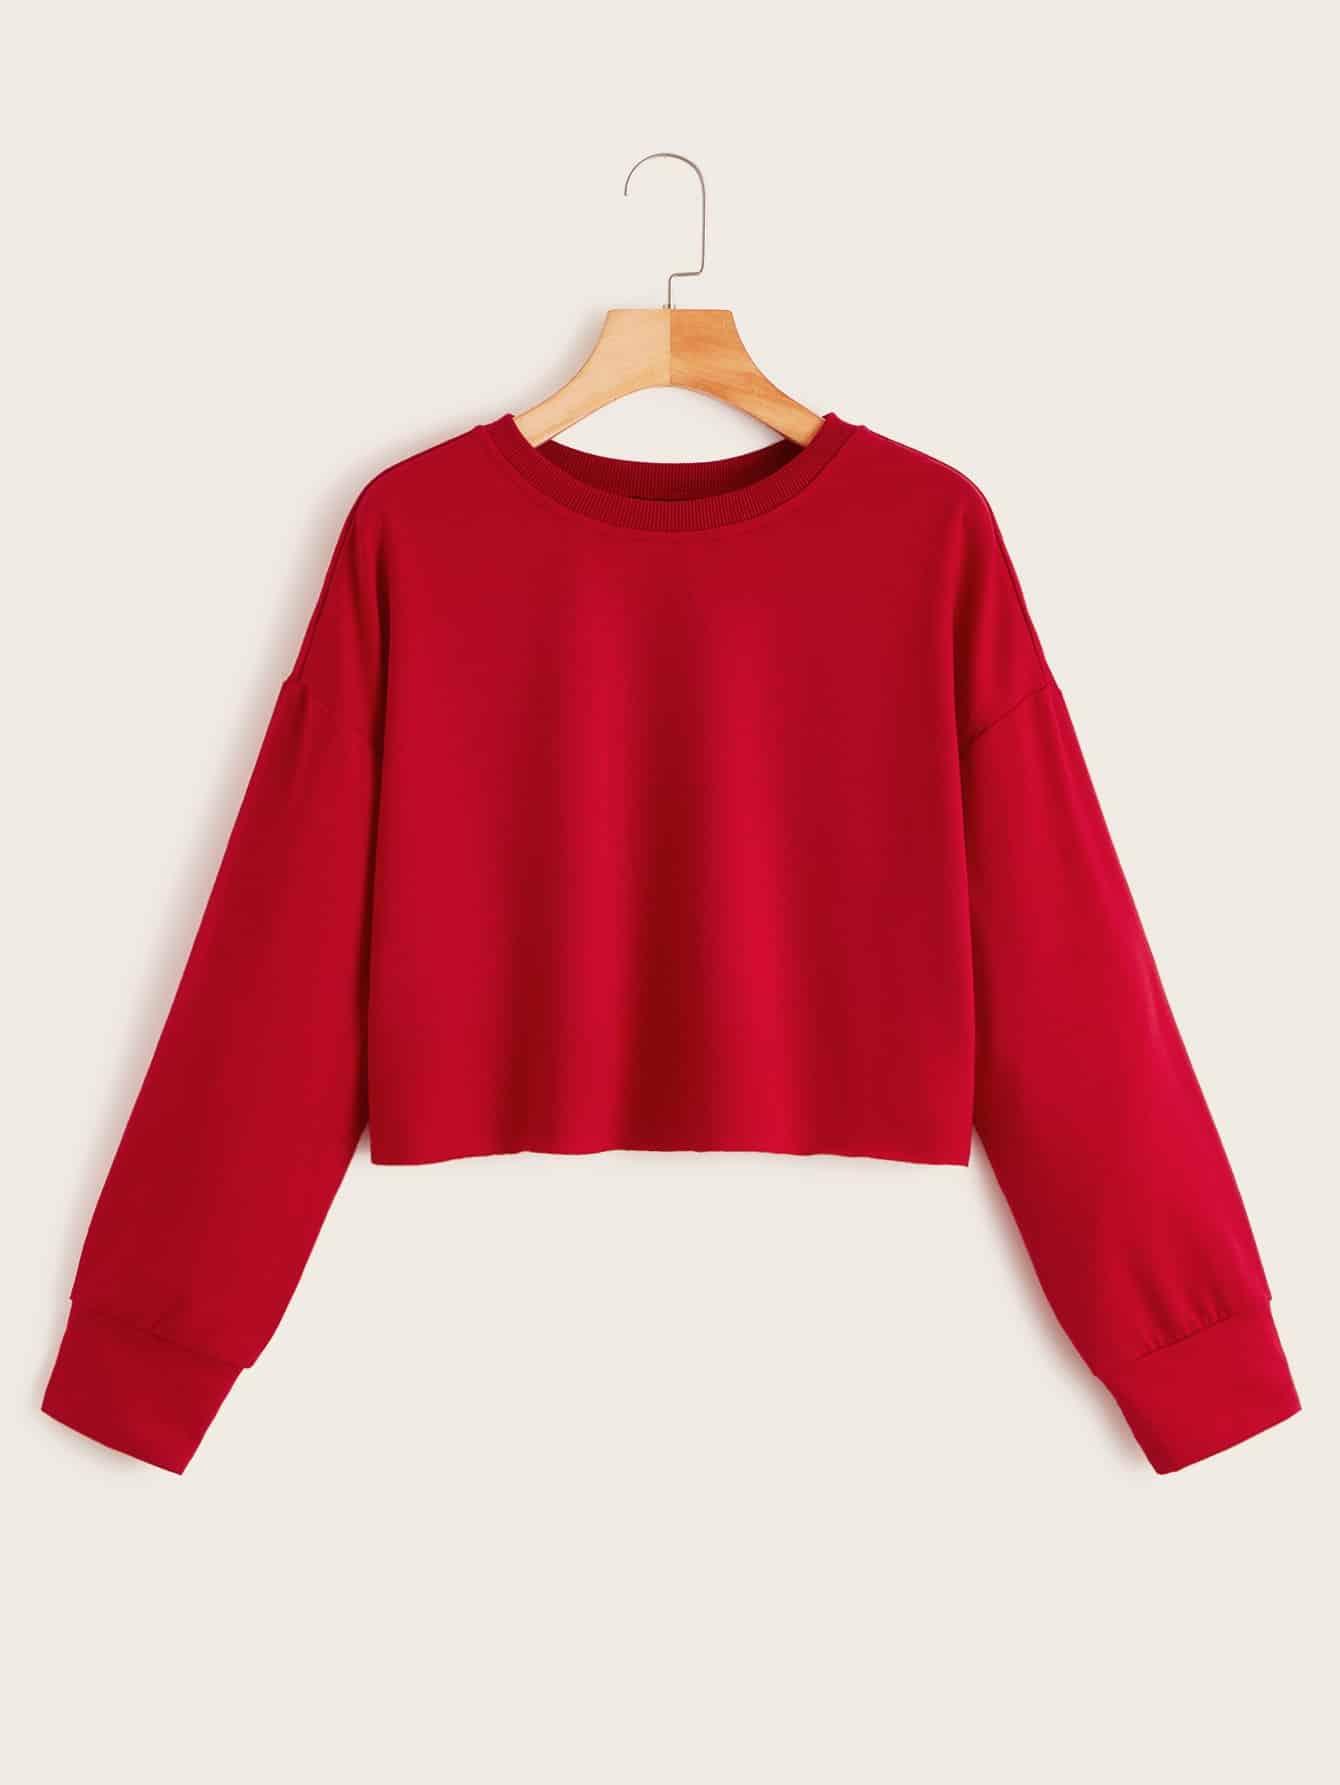 Фото - Кроп пуловер с заниженной линией плеч и необработанным низом от SheIn красного цвета